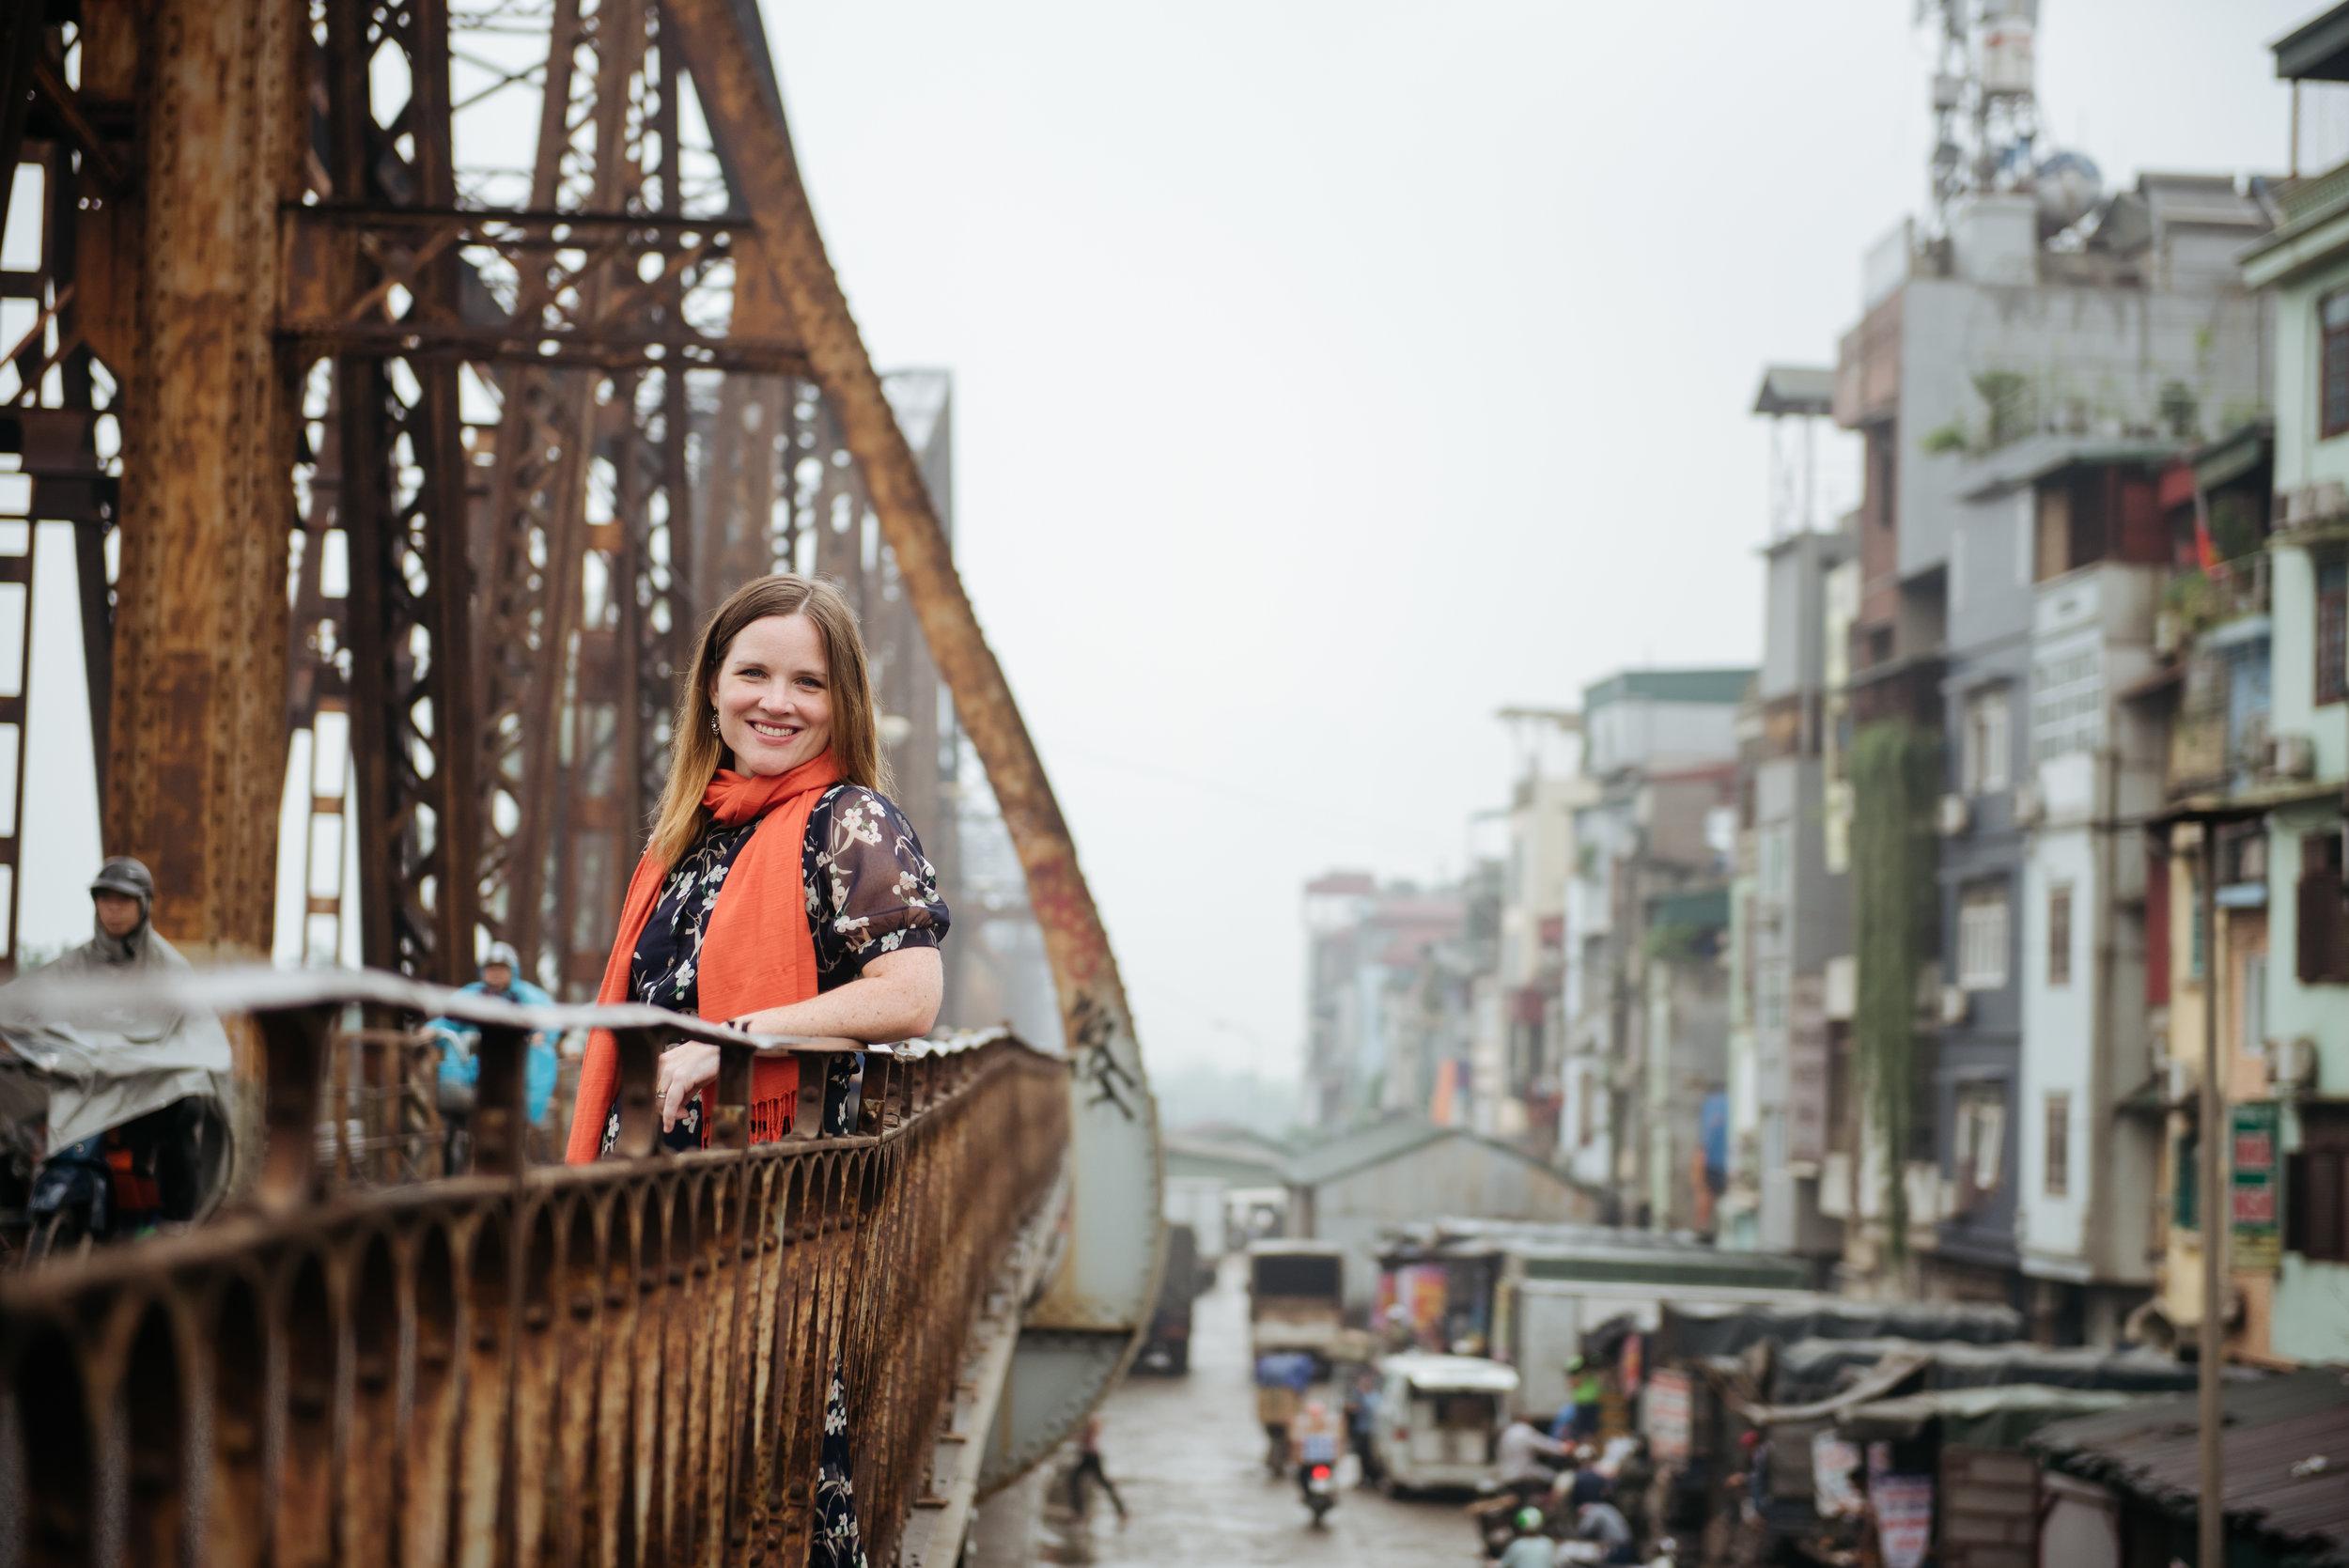 Photo by Hoa Tran in Hanoi -  http://www.hoatranphoto.com/